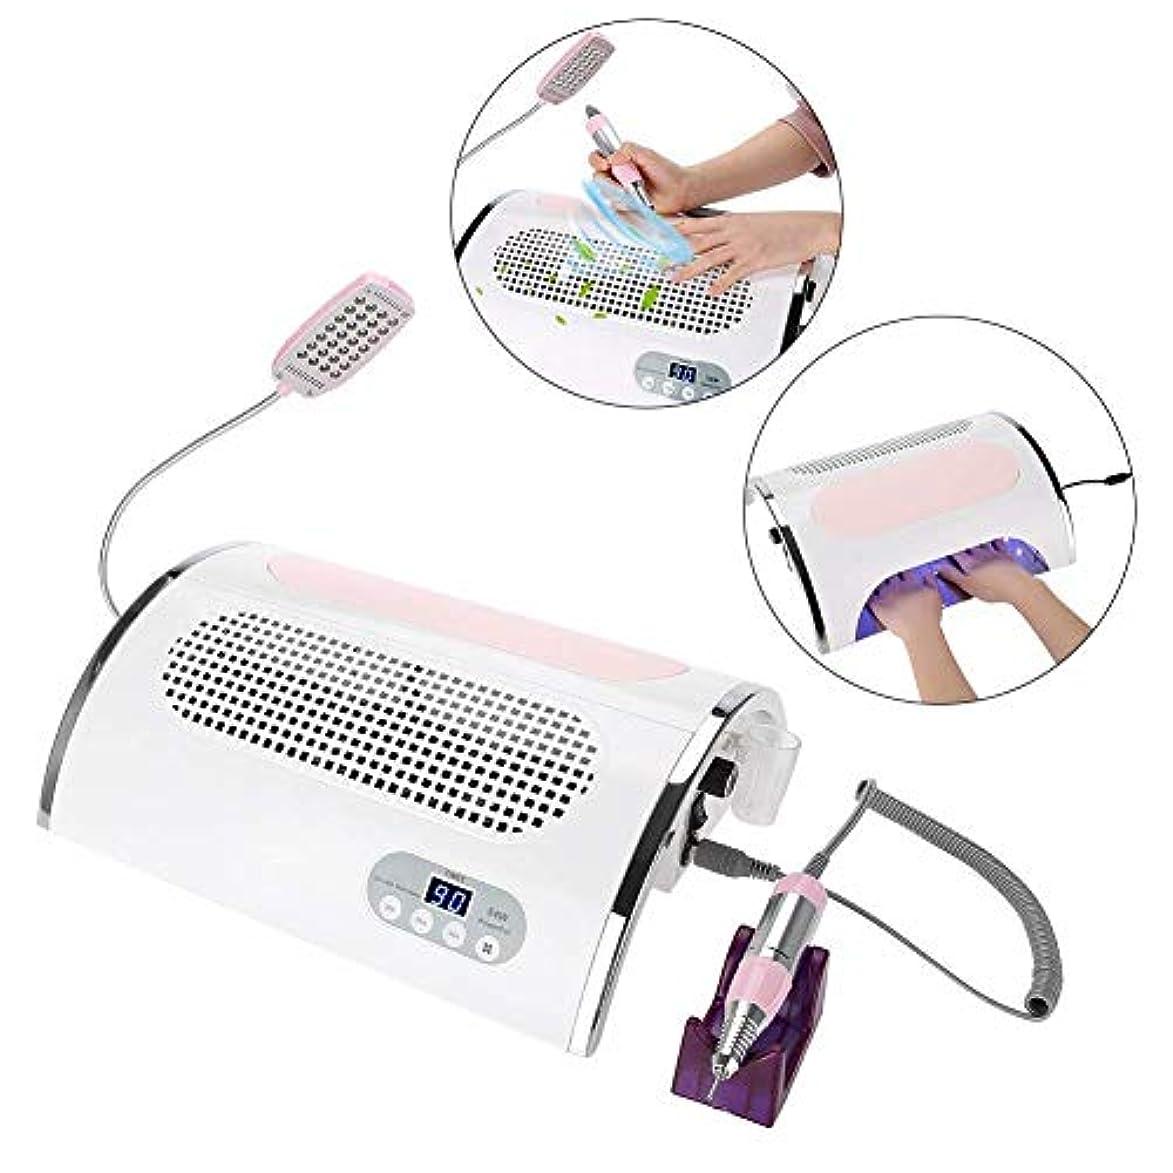 受取人安息ホイップ多機能電動ネイルドリルネイルファイルセットネイル掃除機54W UV 4 in 1アクリルジェルネイルファミリーサロンに適しています